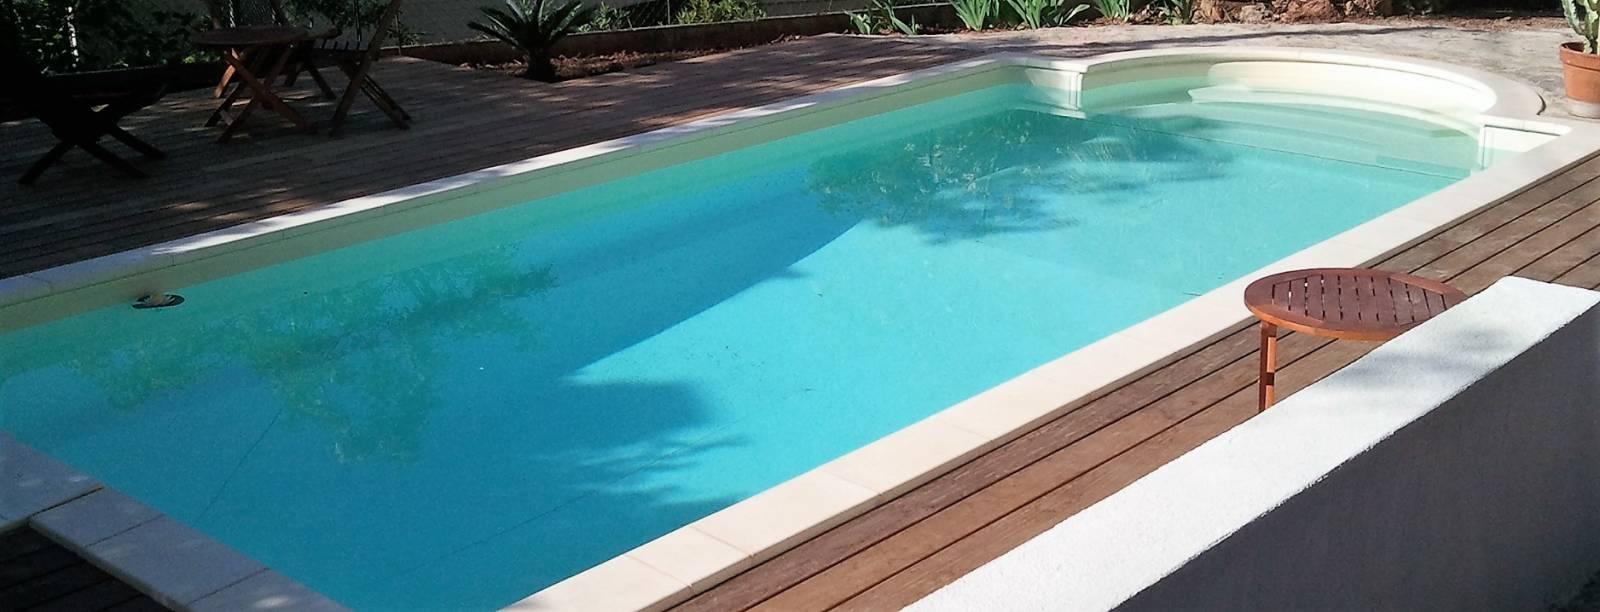 Plage ipe autour d 39 une piscine desjoyaux six fours les plages jce piscines - Mini piscine desjoyaux ...